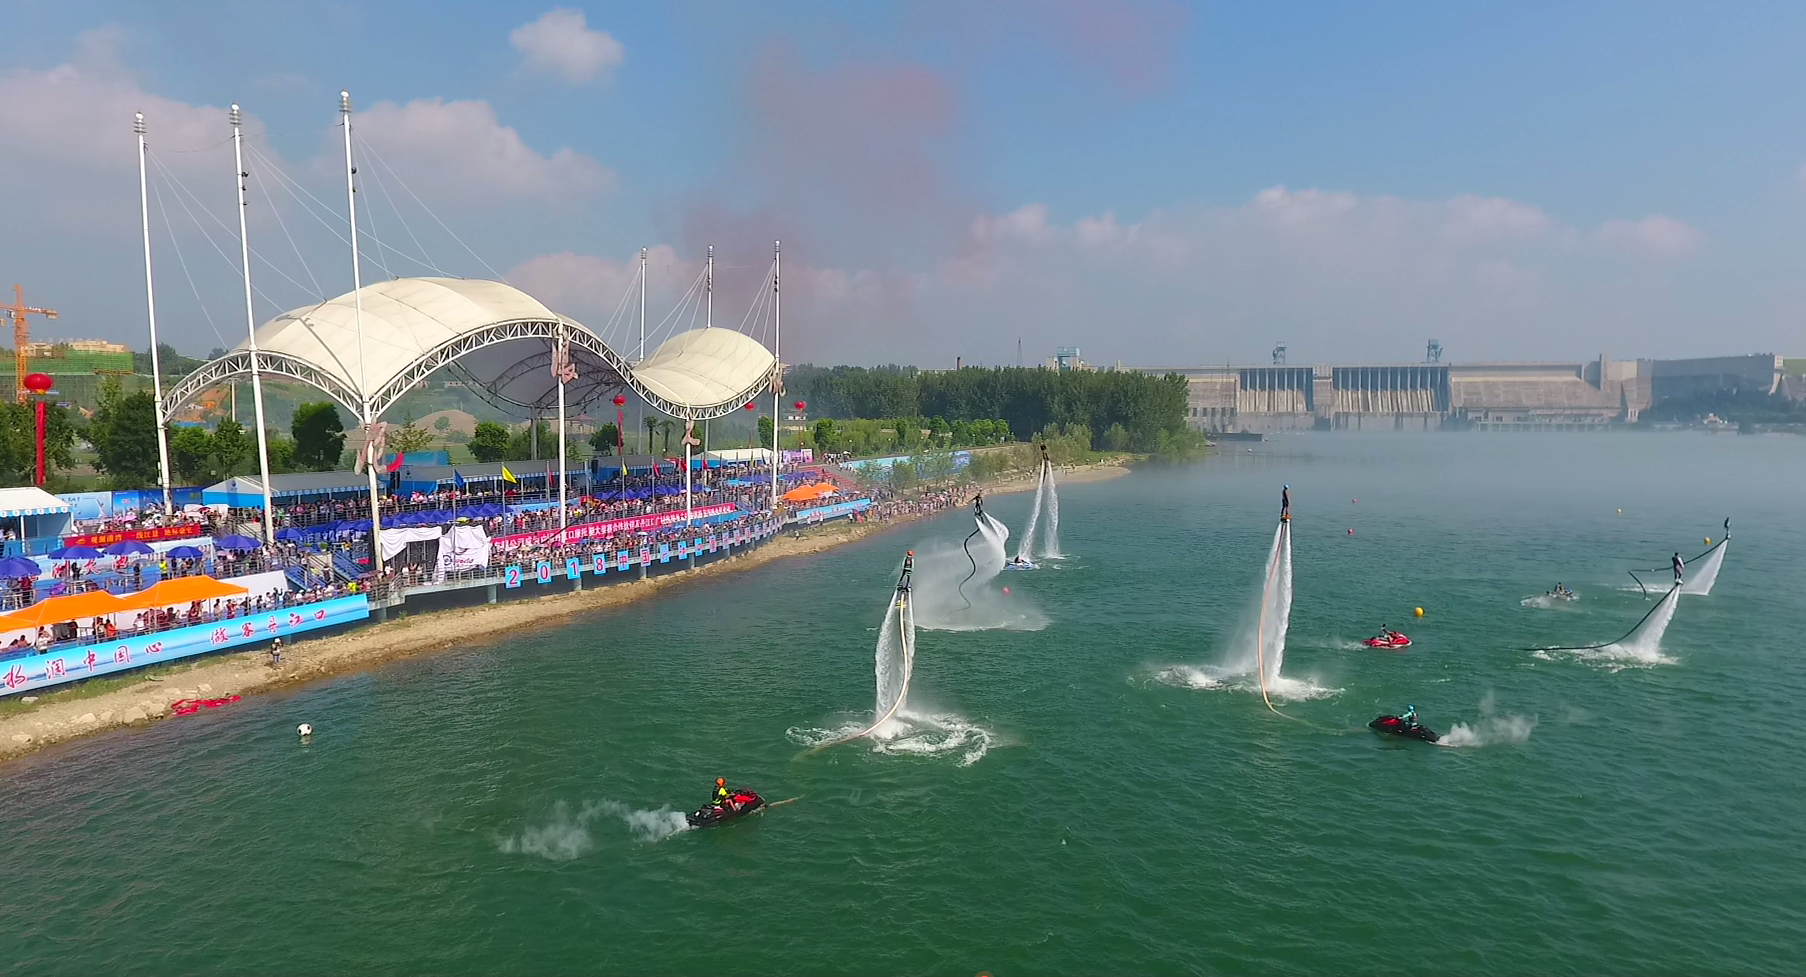 2018年中国丹江口摩托艇俱乐部大奖赛激情开赛